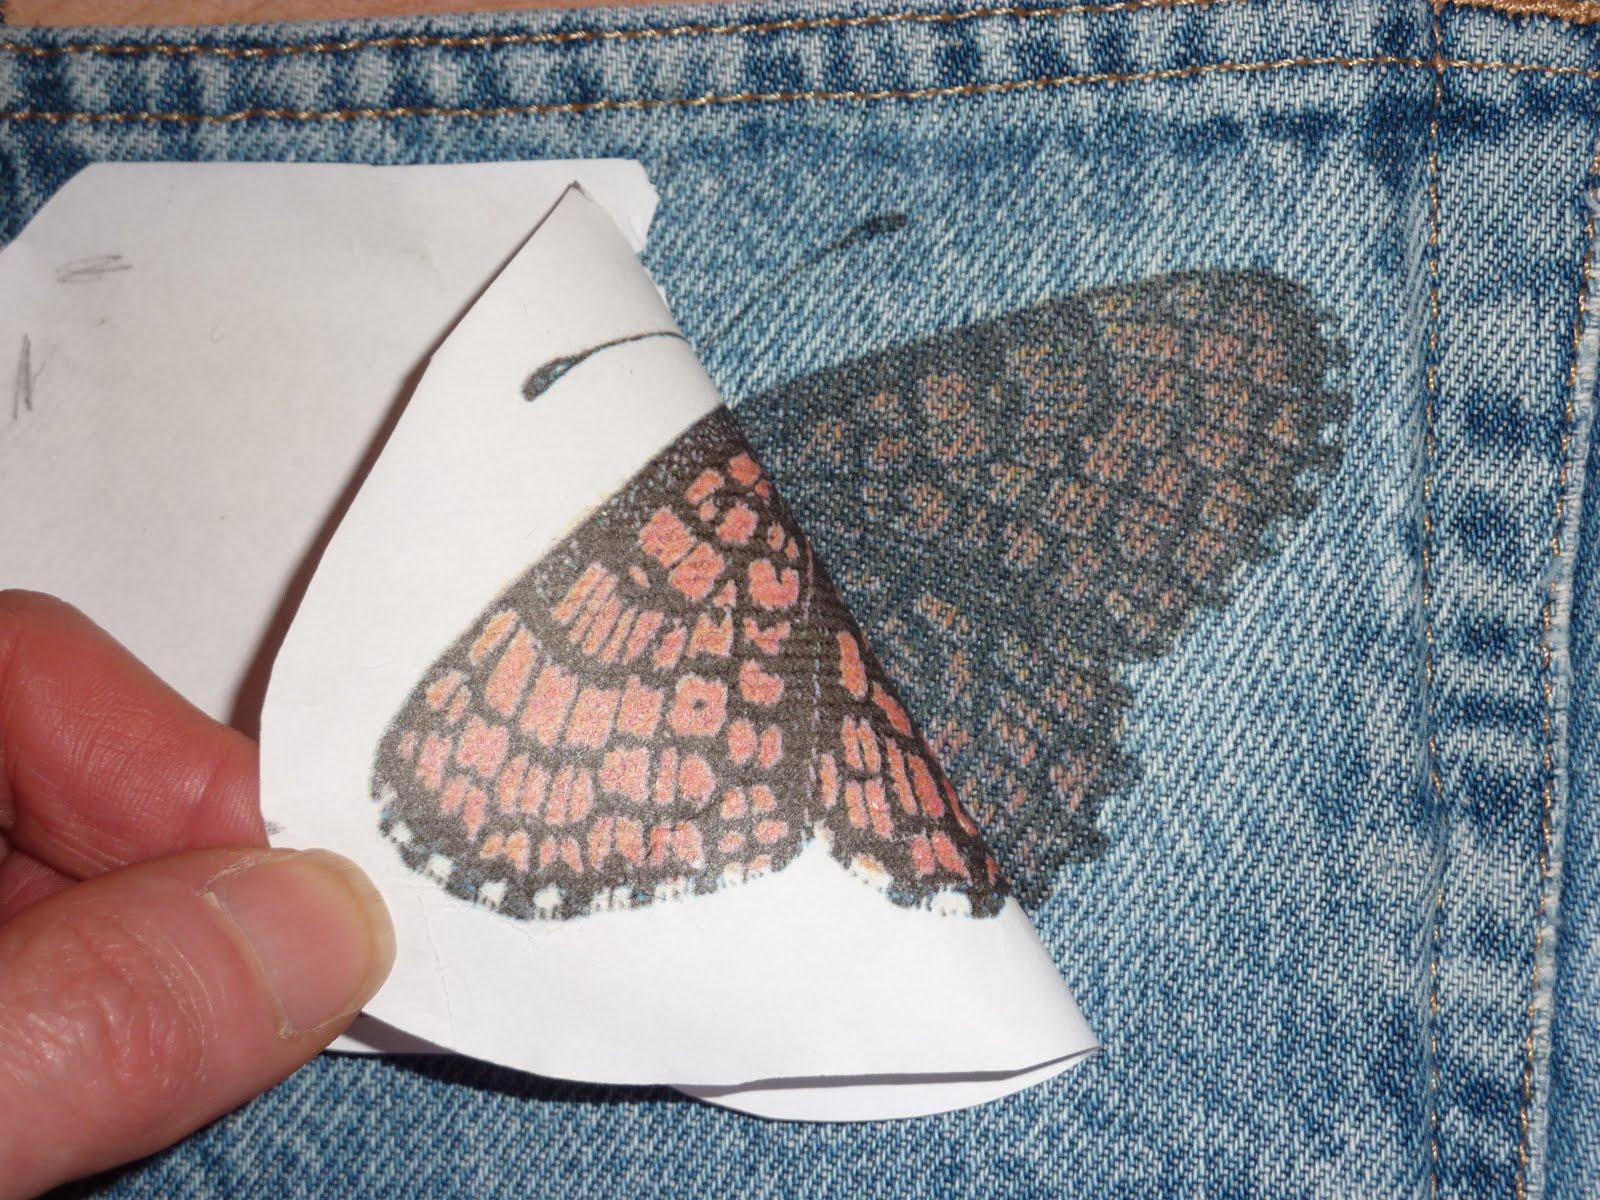 Рисунки для вышивки как перенеси рисунок на ткань